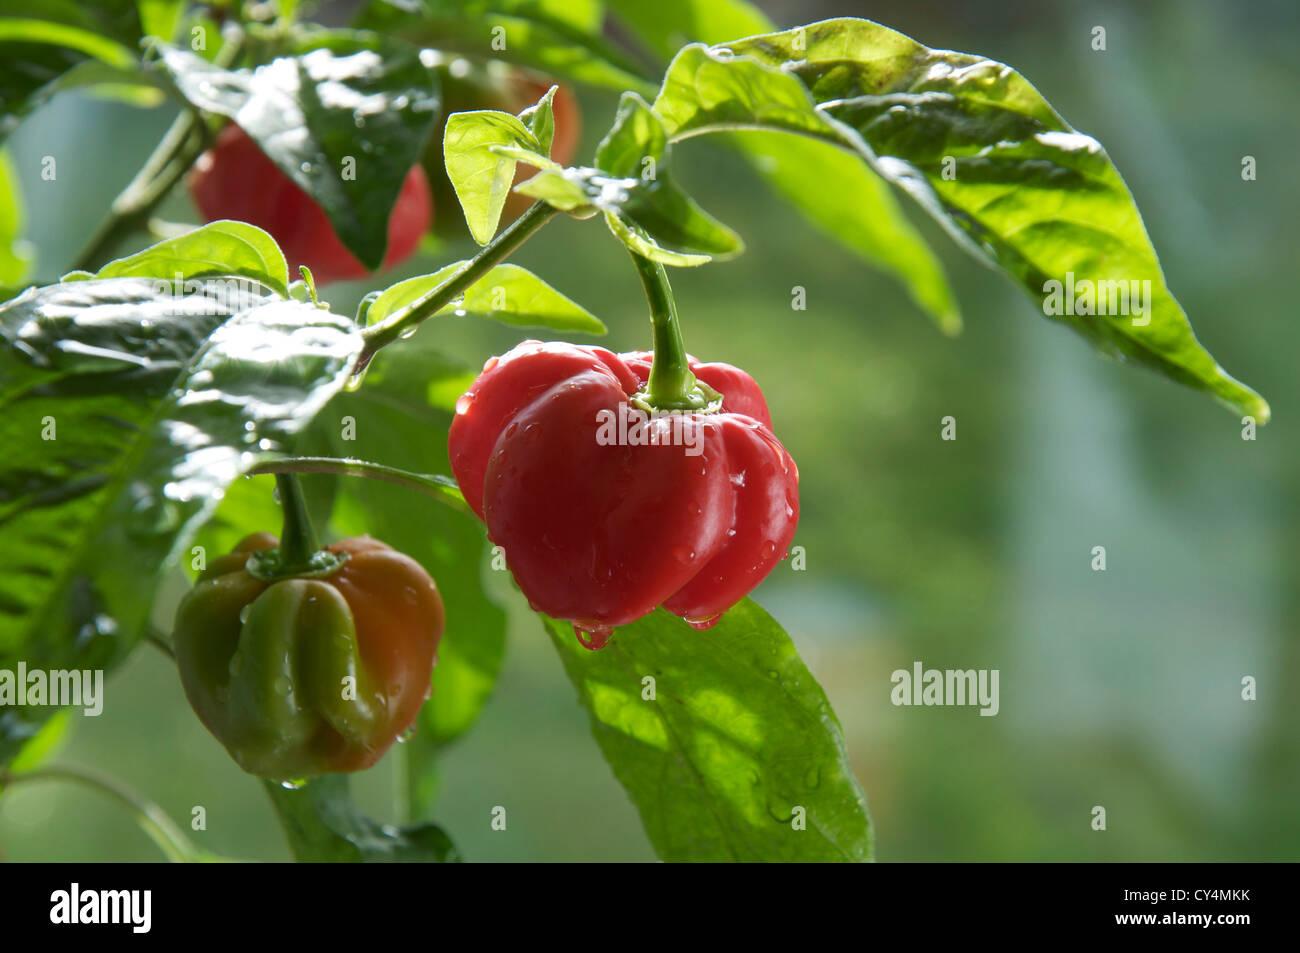 Fiery très frileux Scotch Bonnet 'poivrons Capsicum Chinensis' encore en croissance et de la maturation Photo Stock